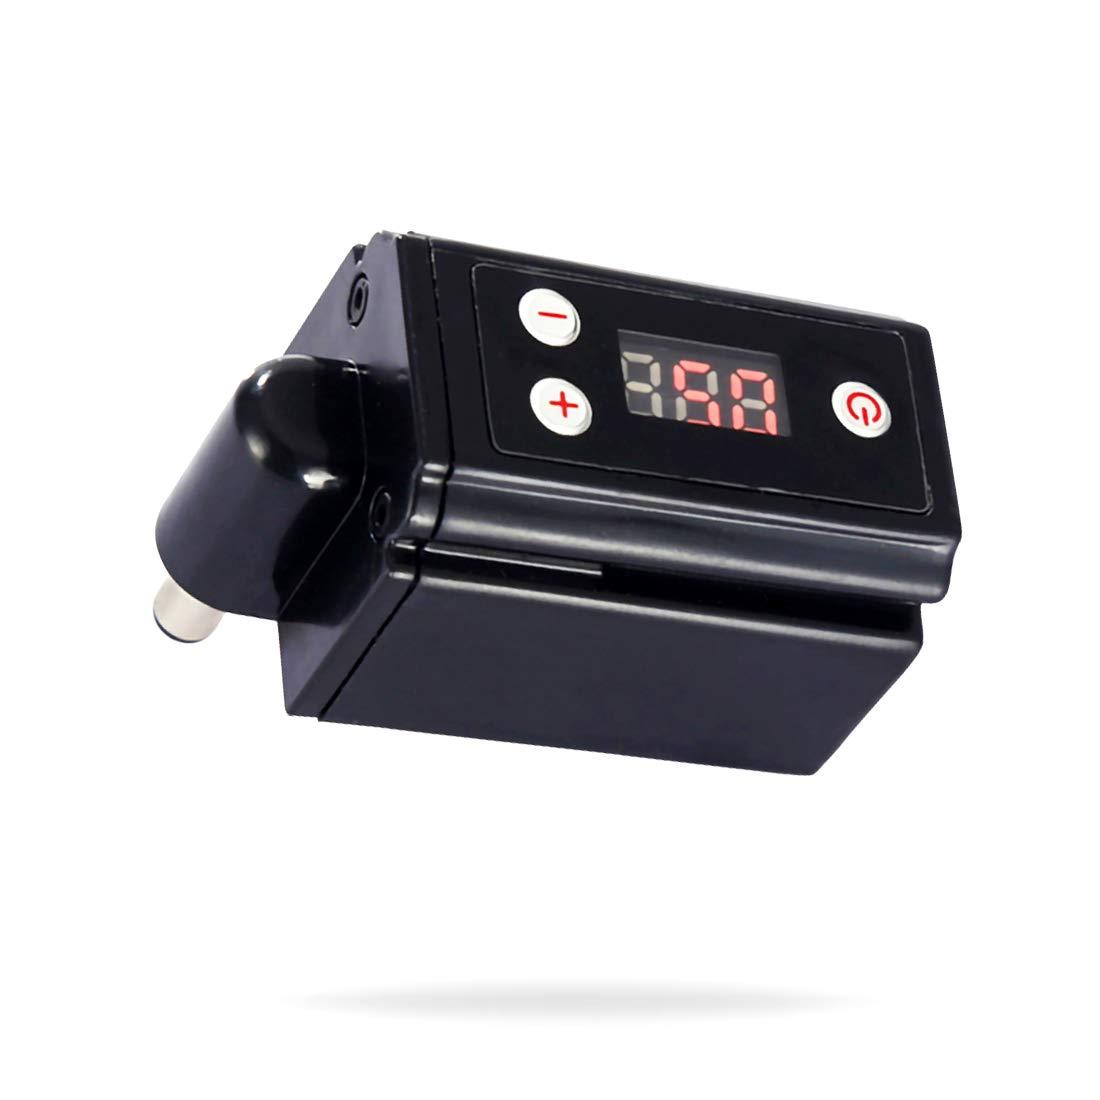 誕生日プレゼント Wireless Power Supply for RCA Pen Rotary Machine Portable Mini 新作からSALEアイテム等お得な商品満載